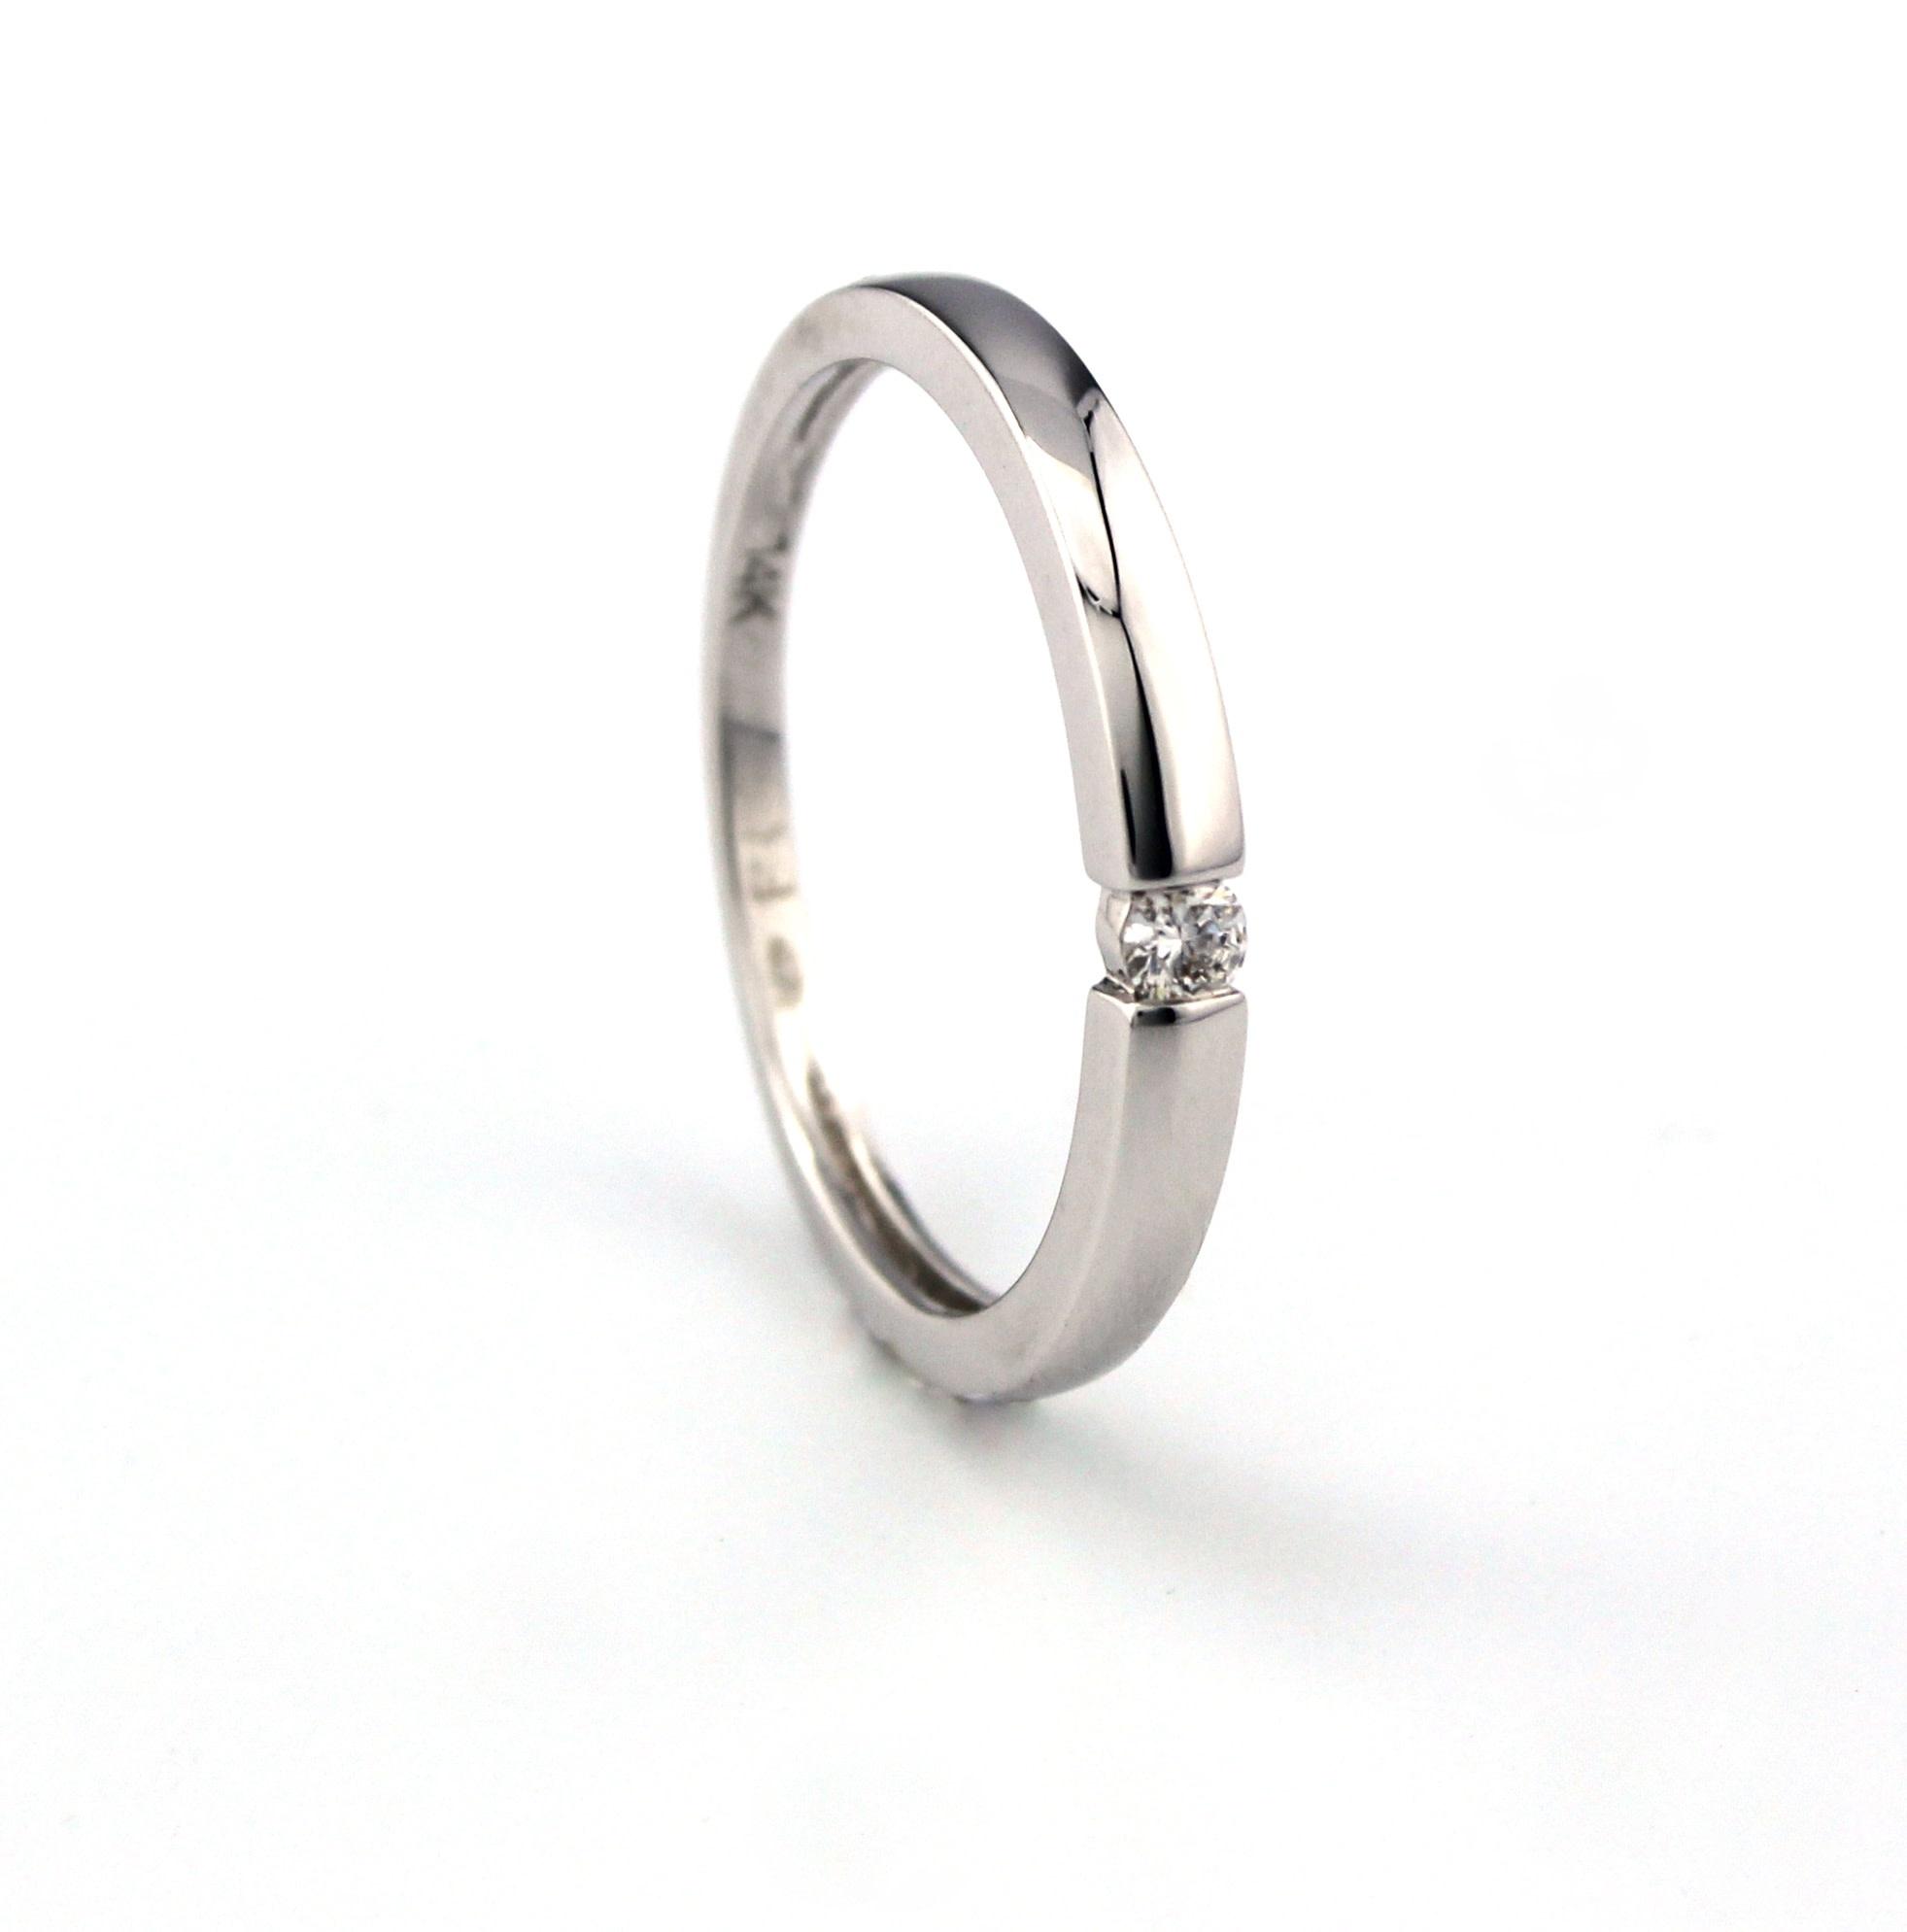 Passione Passione ring GGA1157-53 0.05ct H/Si